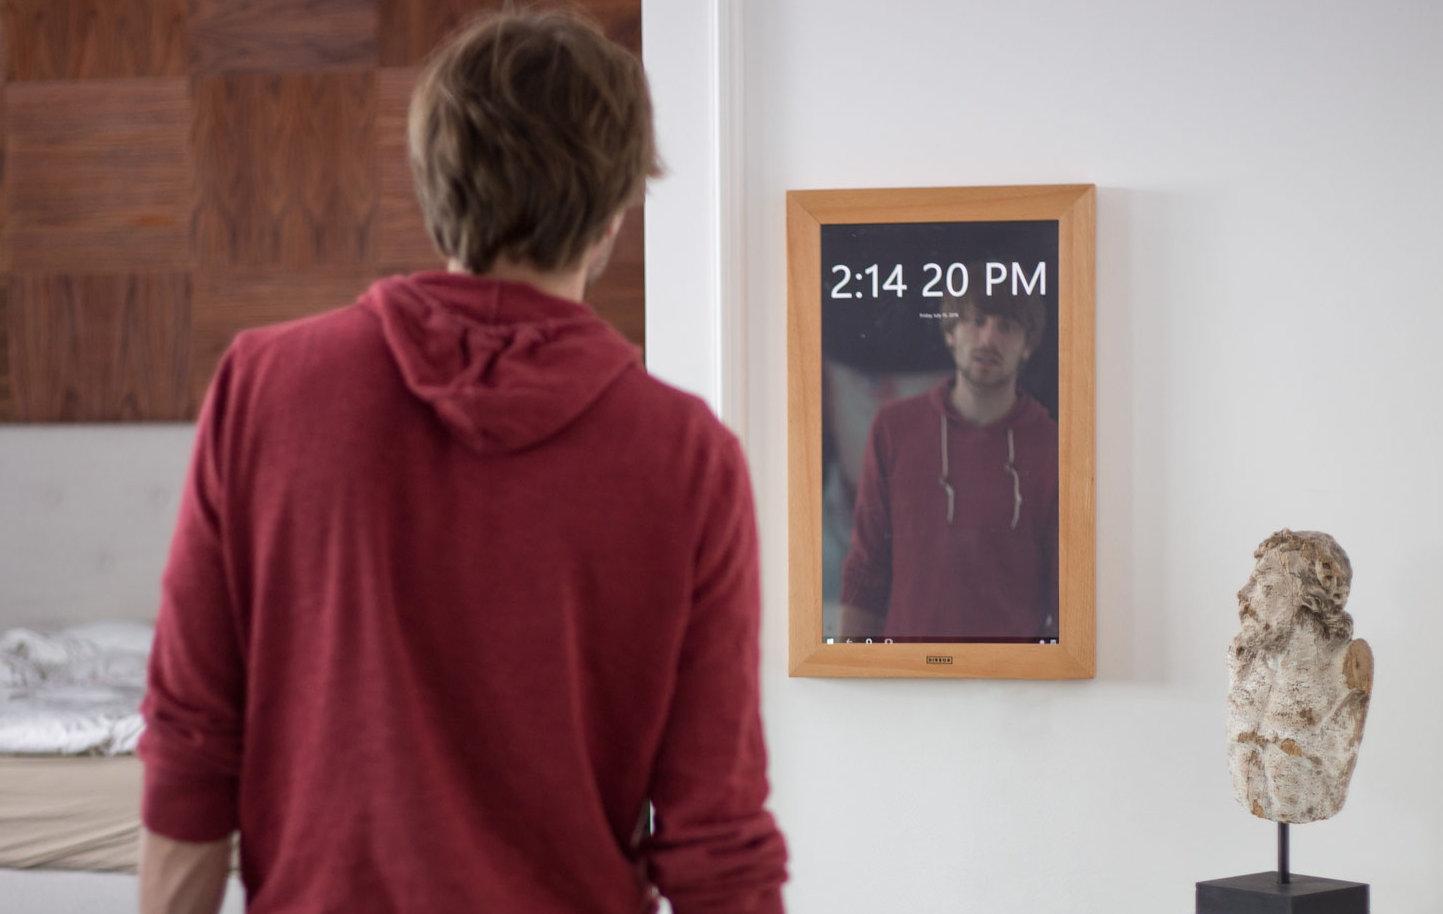 آینه دیجیتالی مجهز به ویندوز ۱۰ هم به بازار آمد!